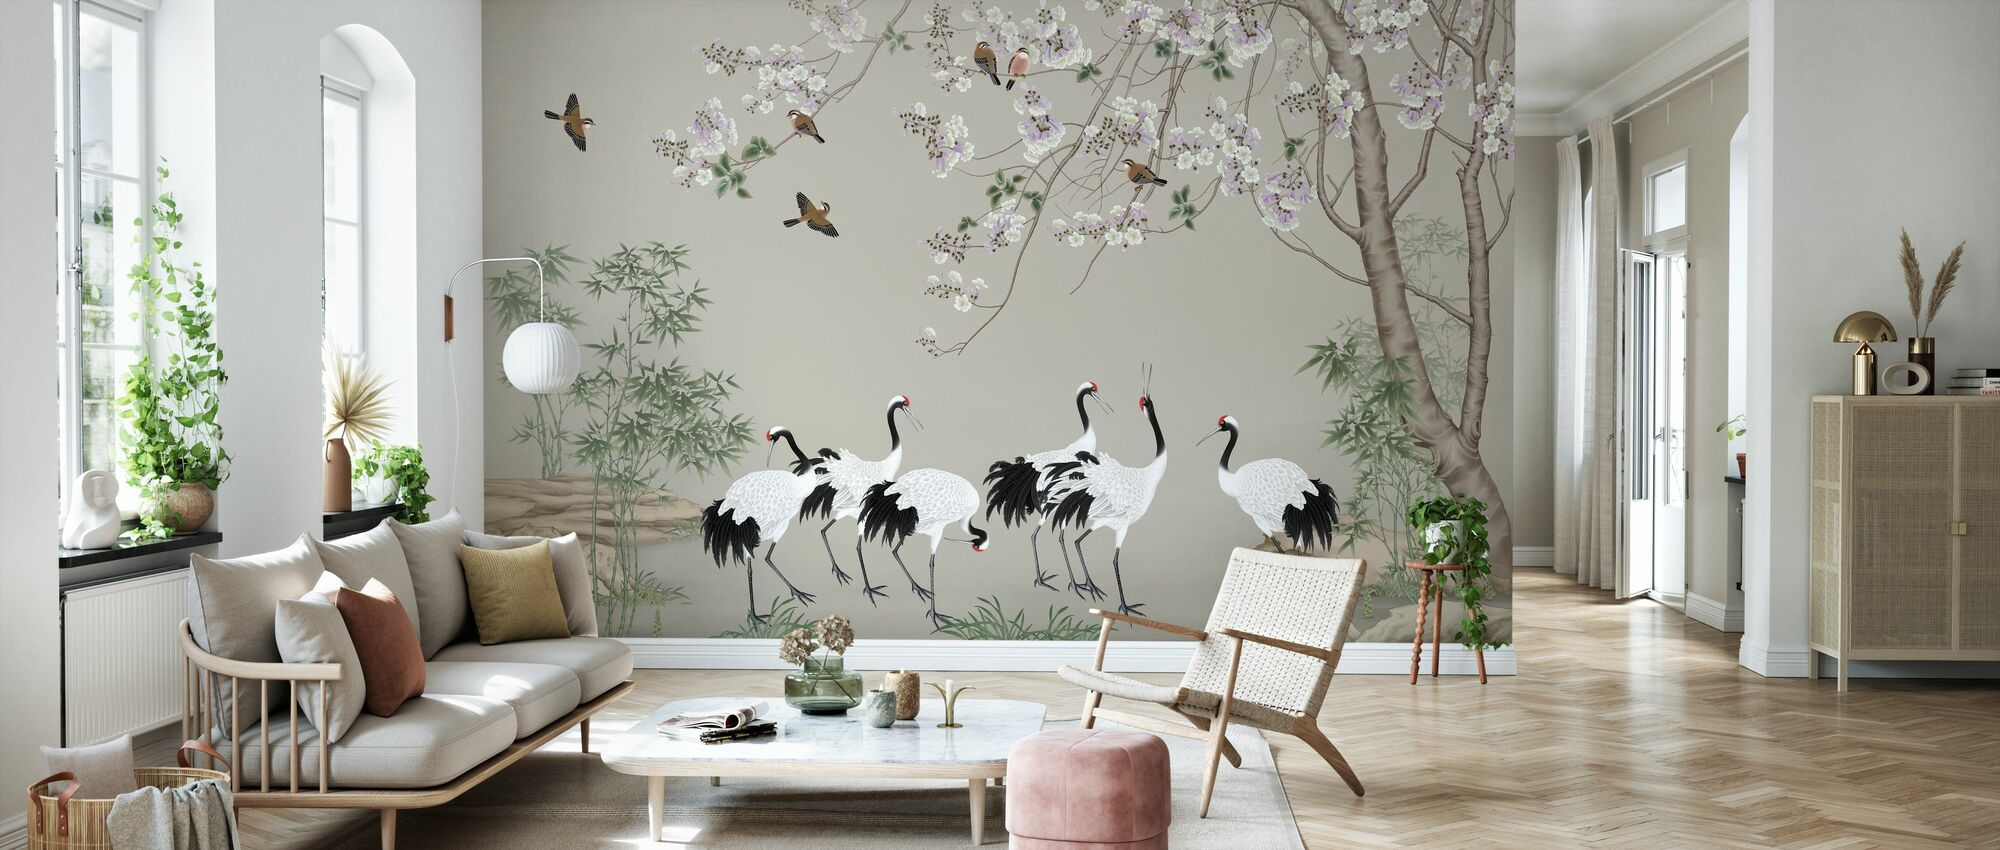 Under the Bird Tree - Wallpaper - Living Room